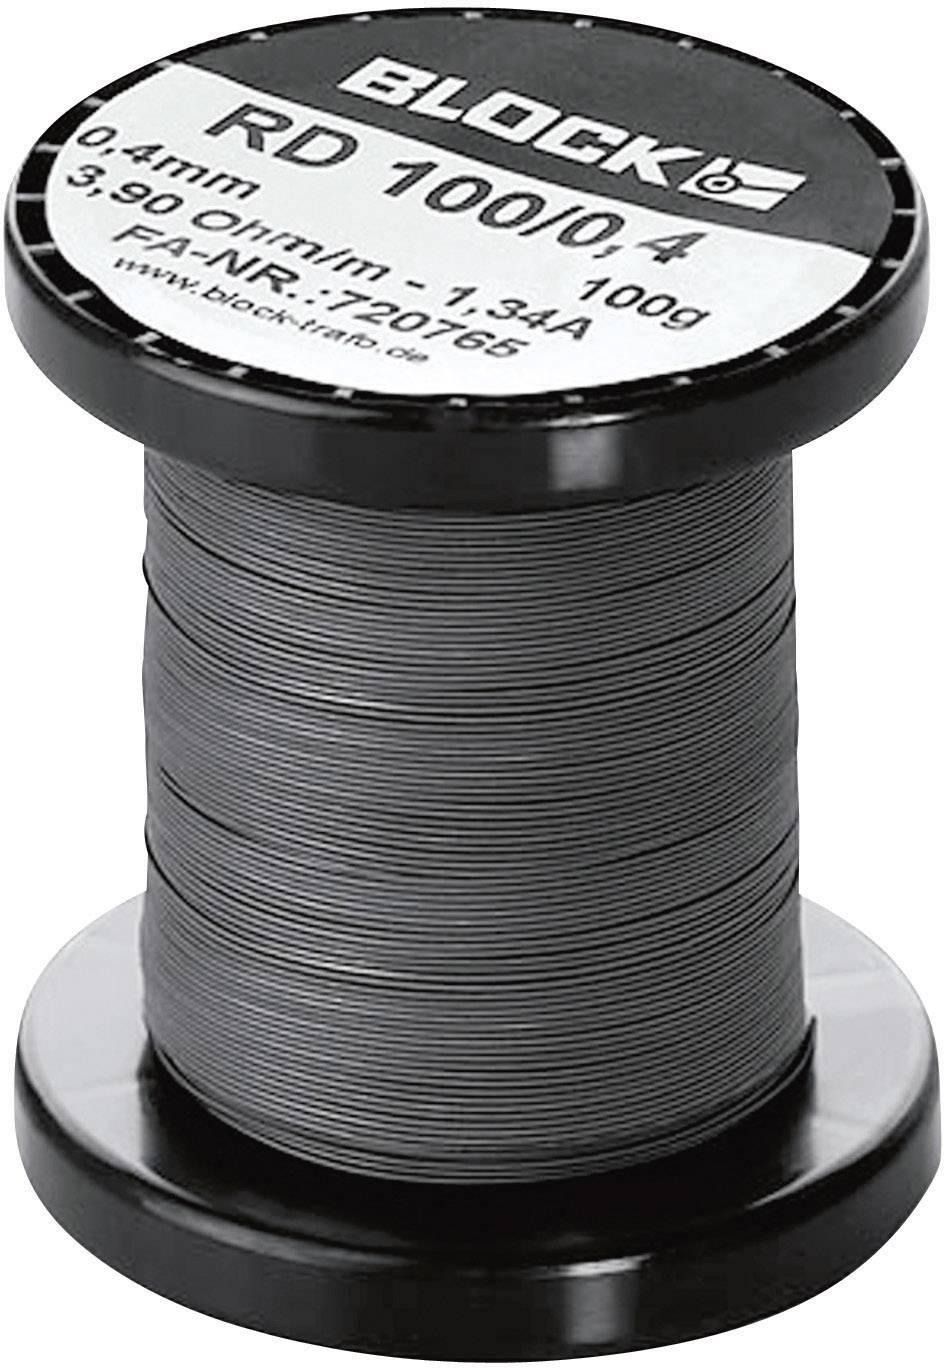 Odporový drôt Block RD 100/0,2, 15.6 Ω/m, 357 m